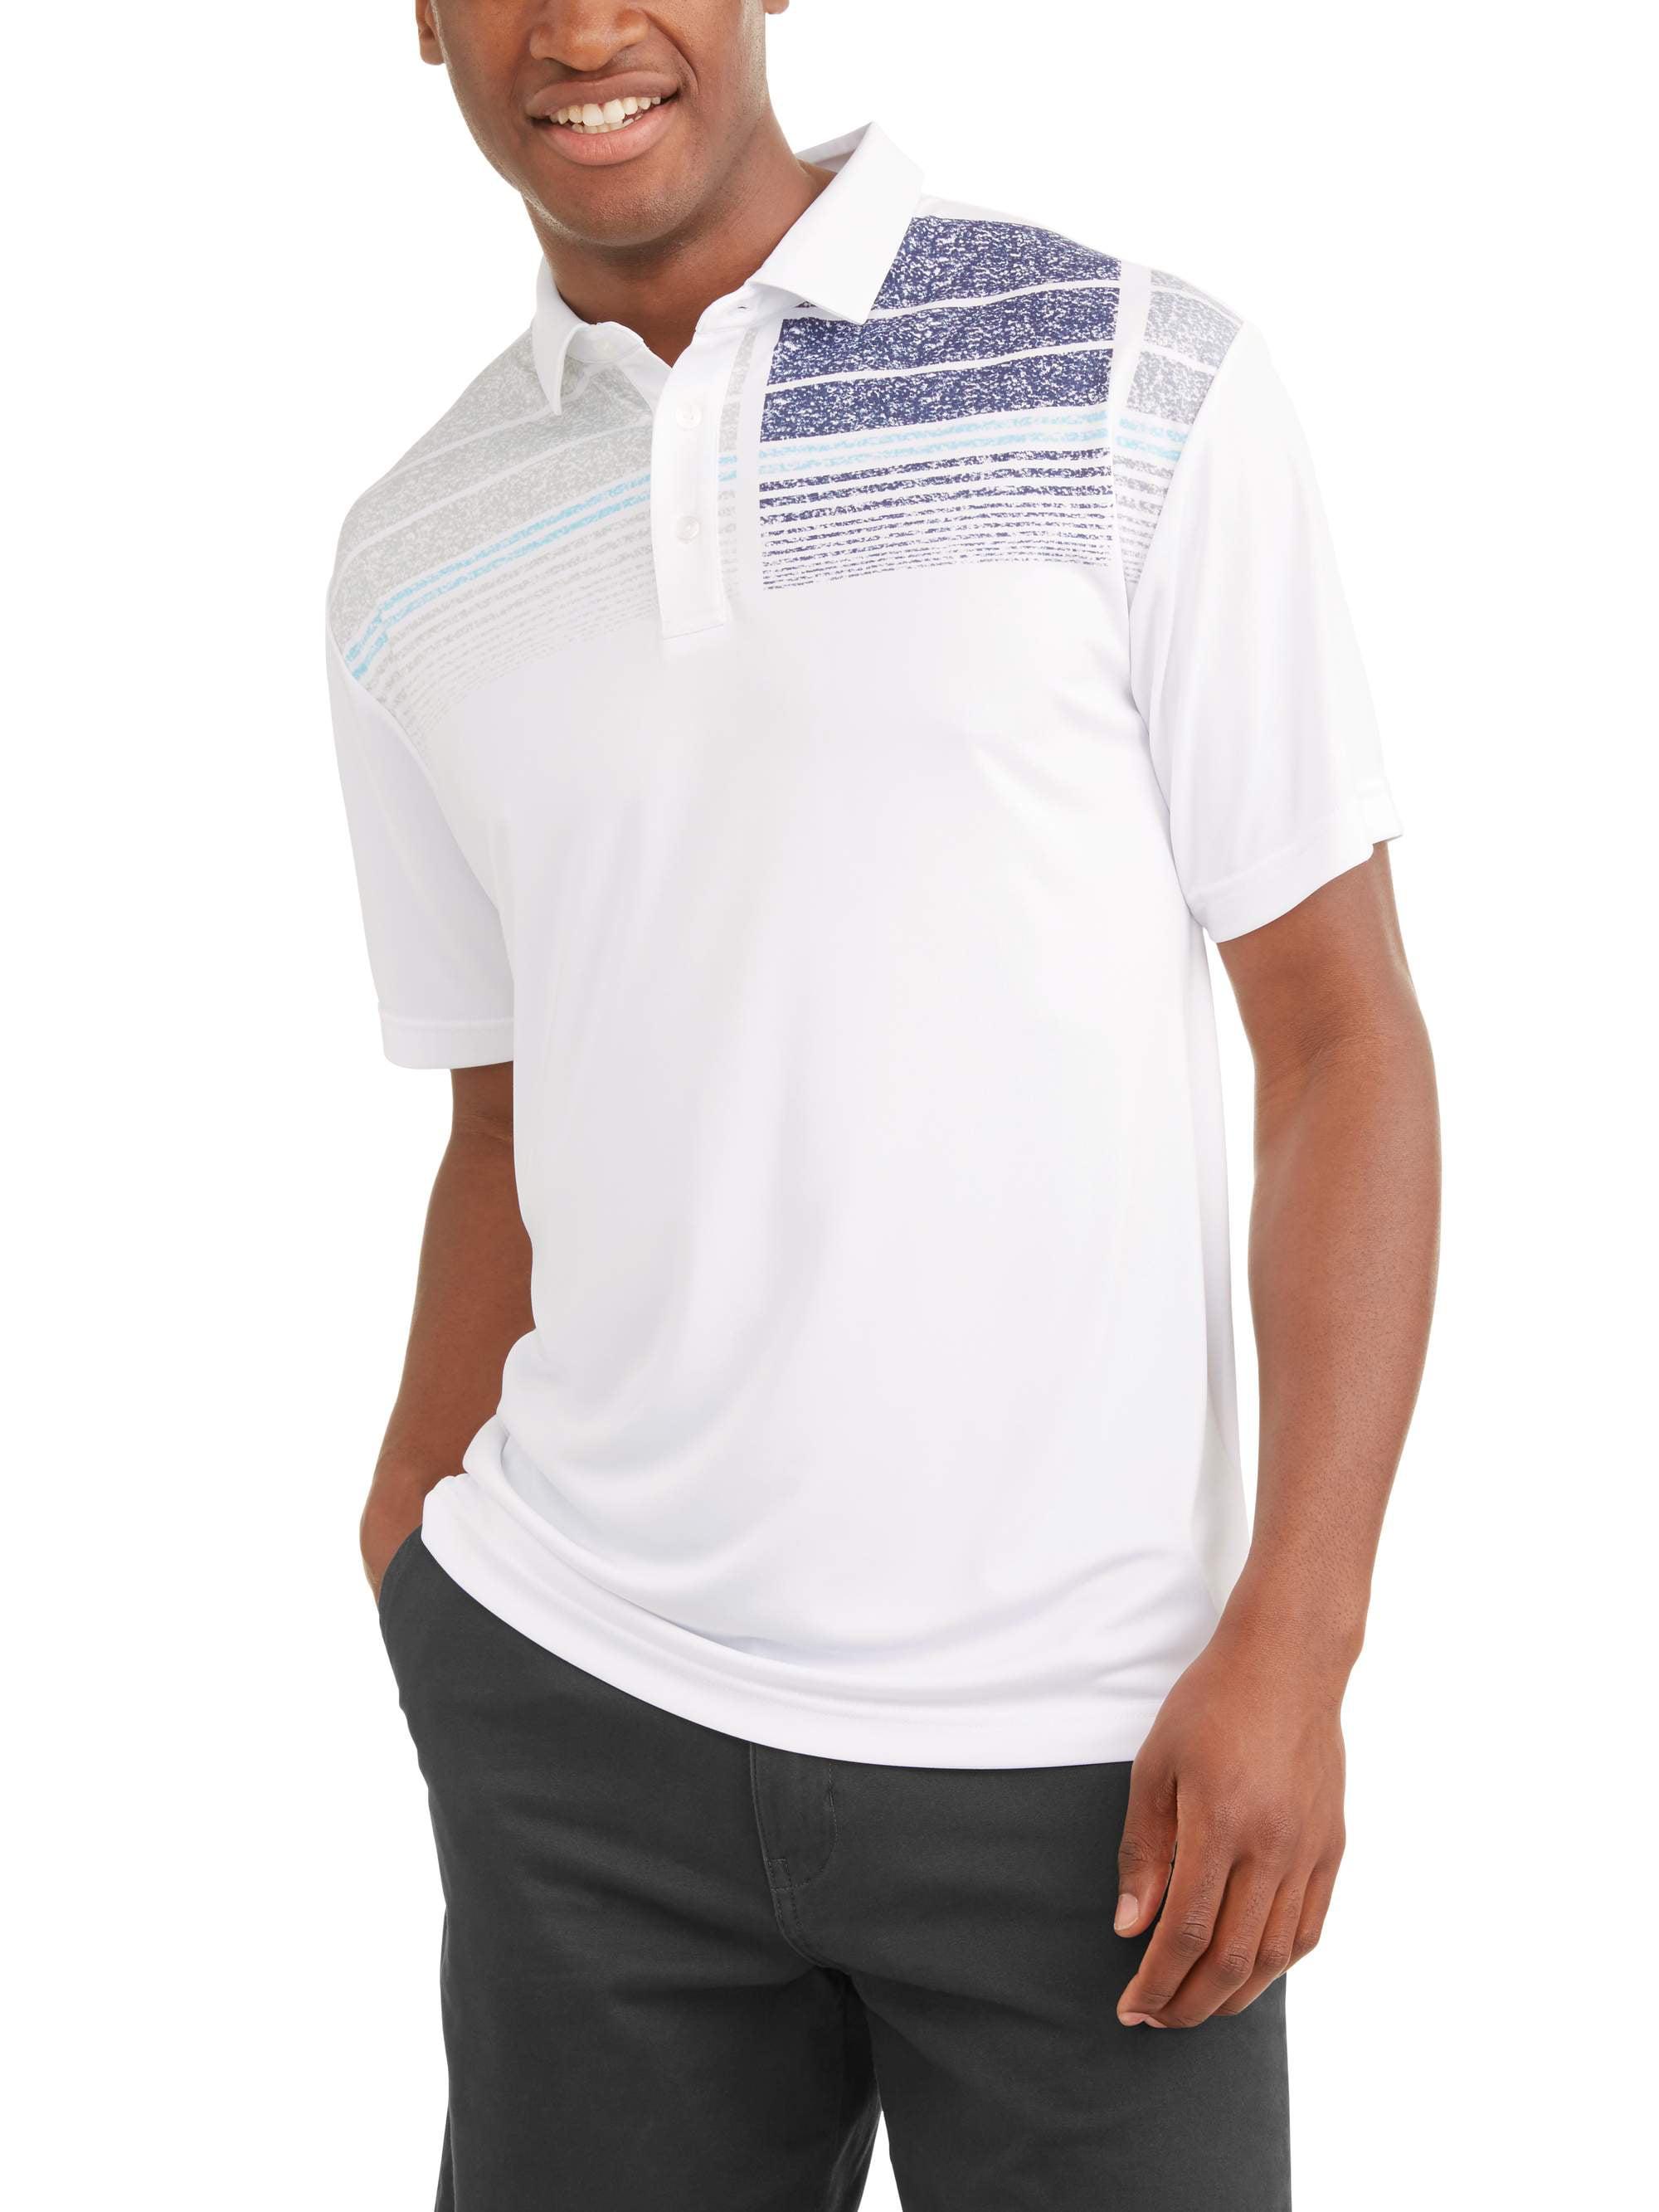 Ben Hogan Men's Performance Short Sleeve Premium Lightweight Polo Shirt